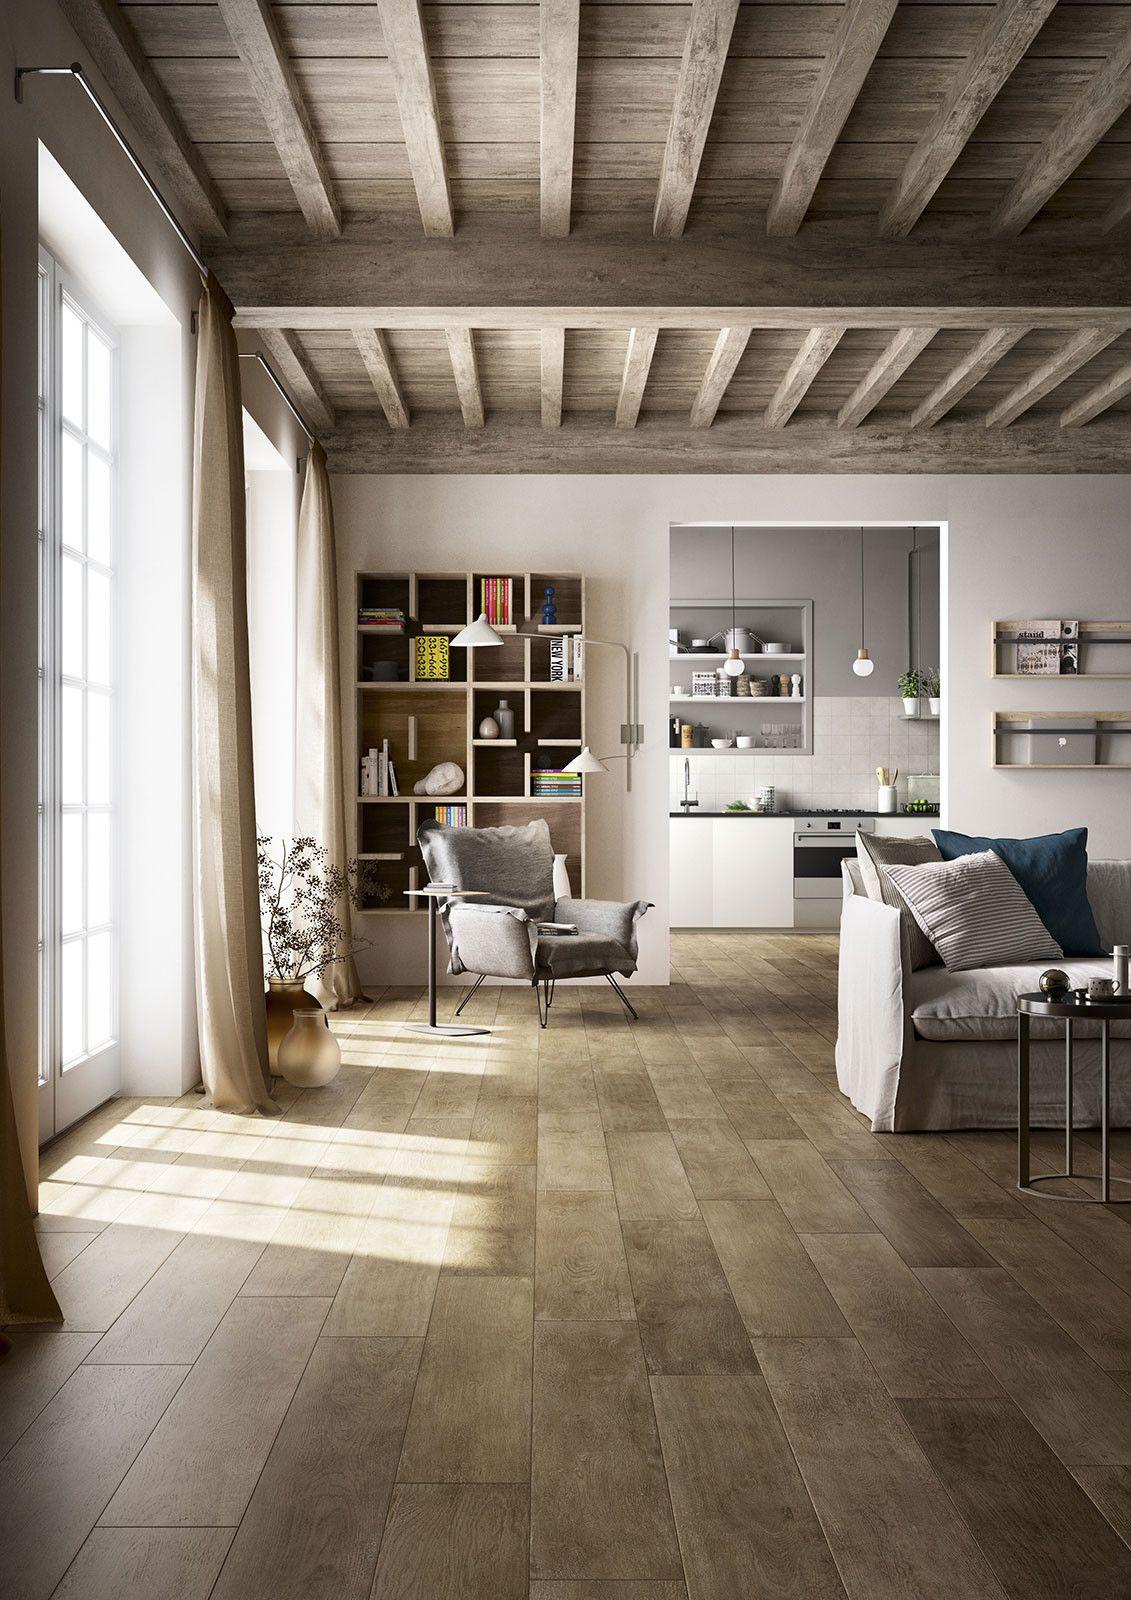 Marazzi treverktime brown 20x120 cm mm8r gres legno - Incollare piastrelle su legno ...